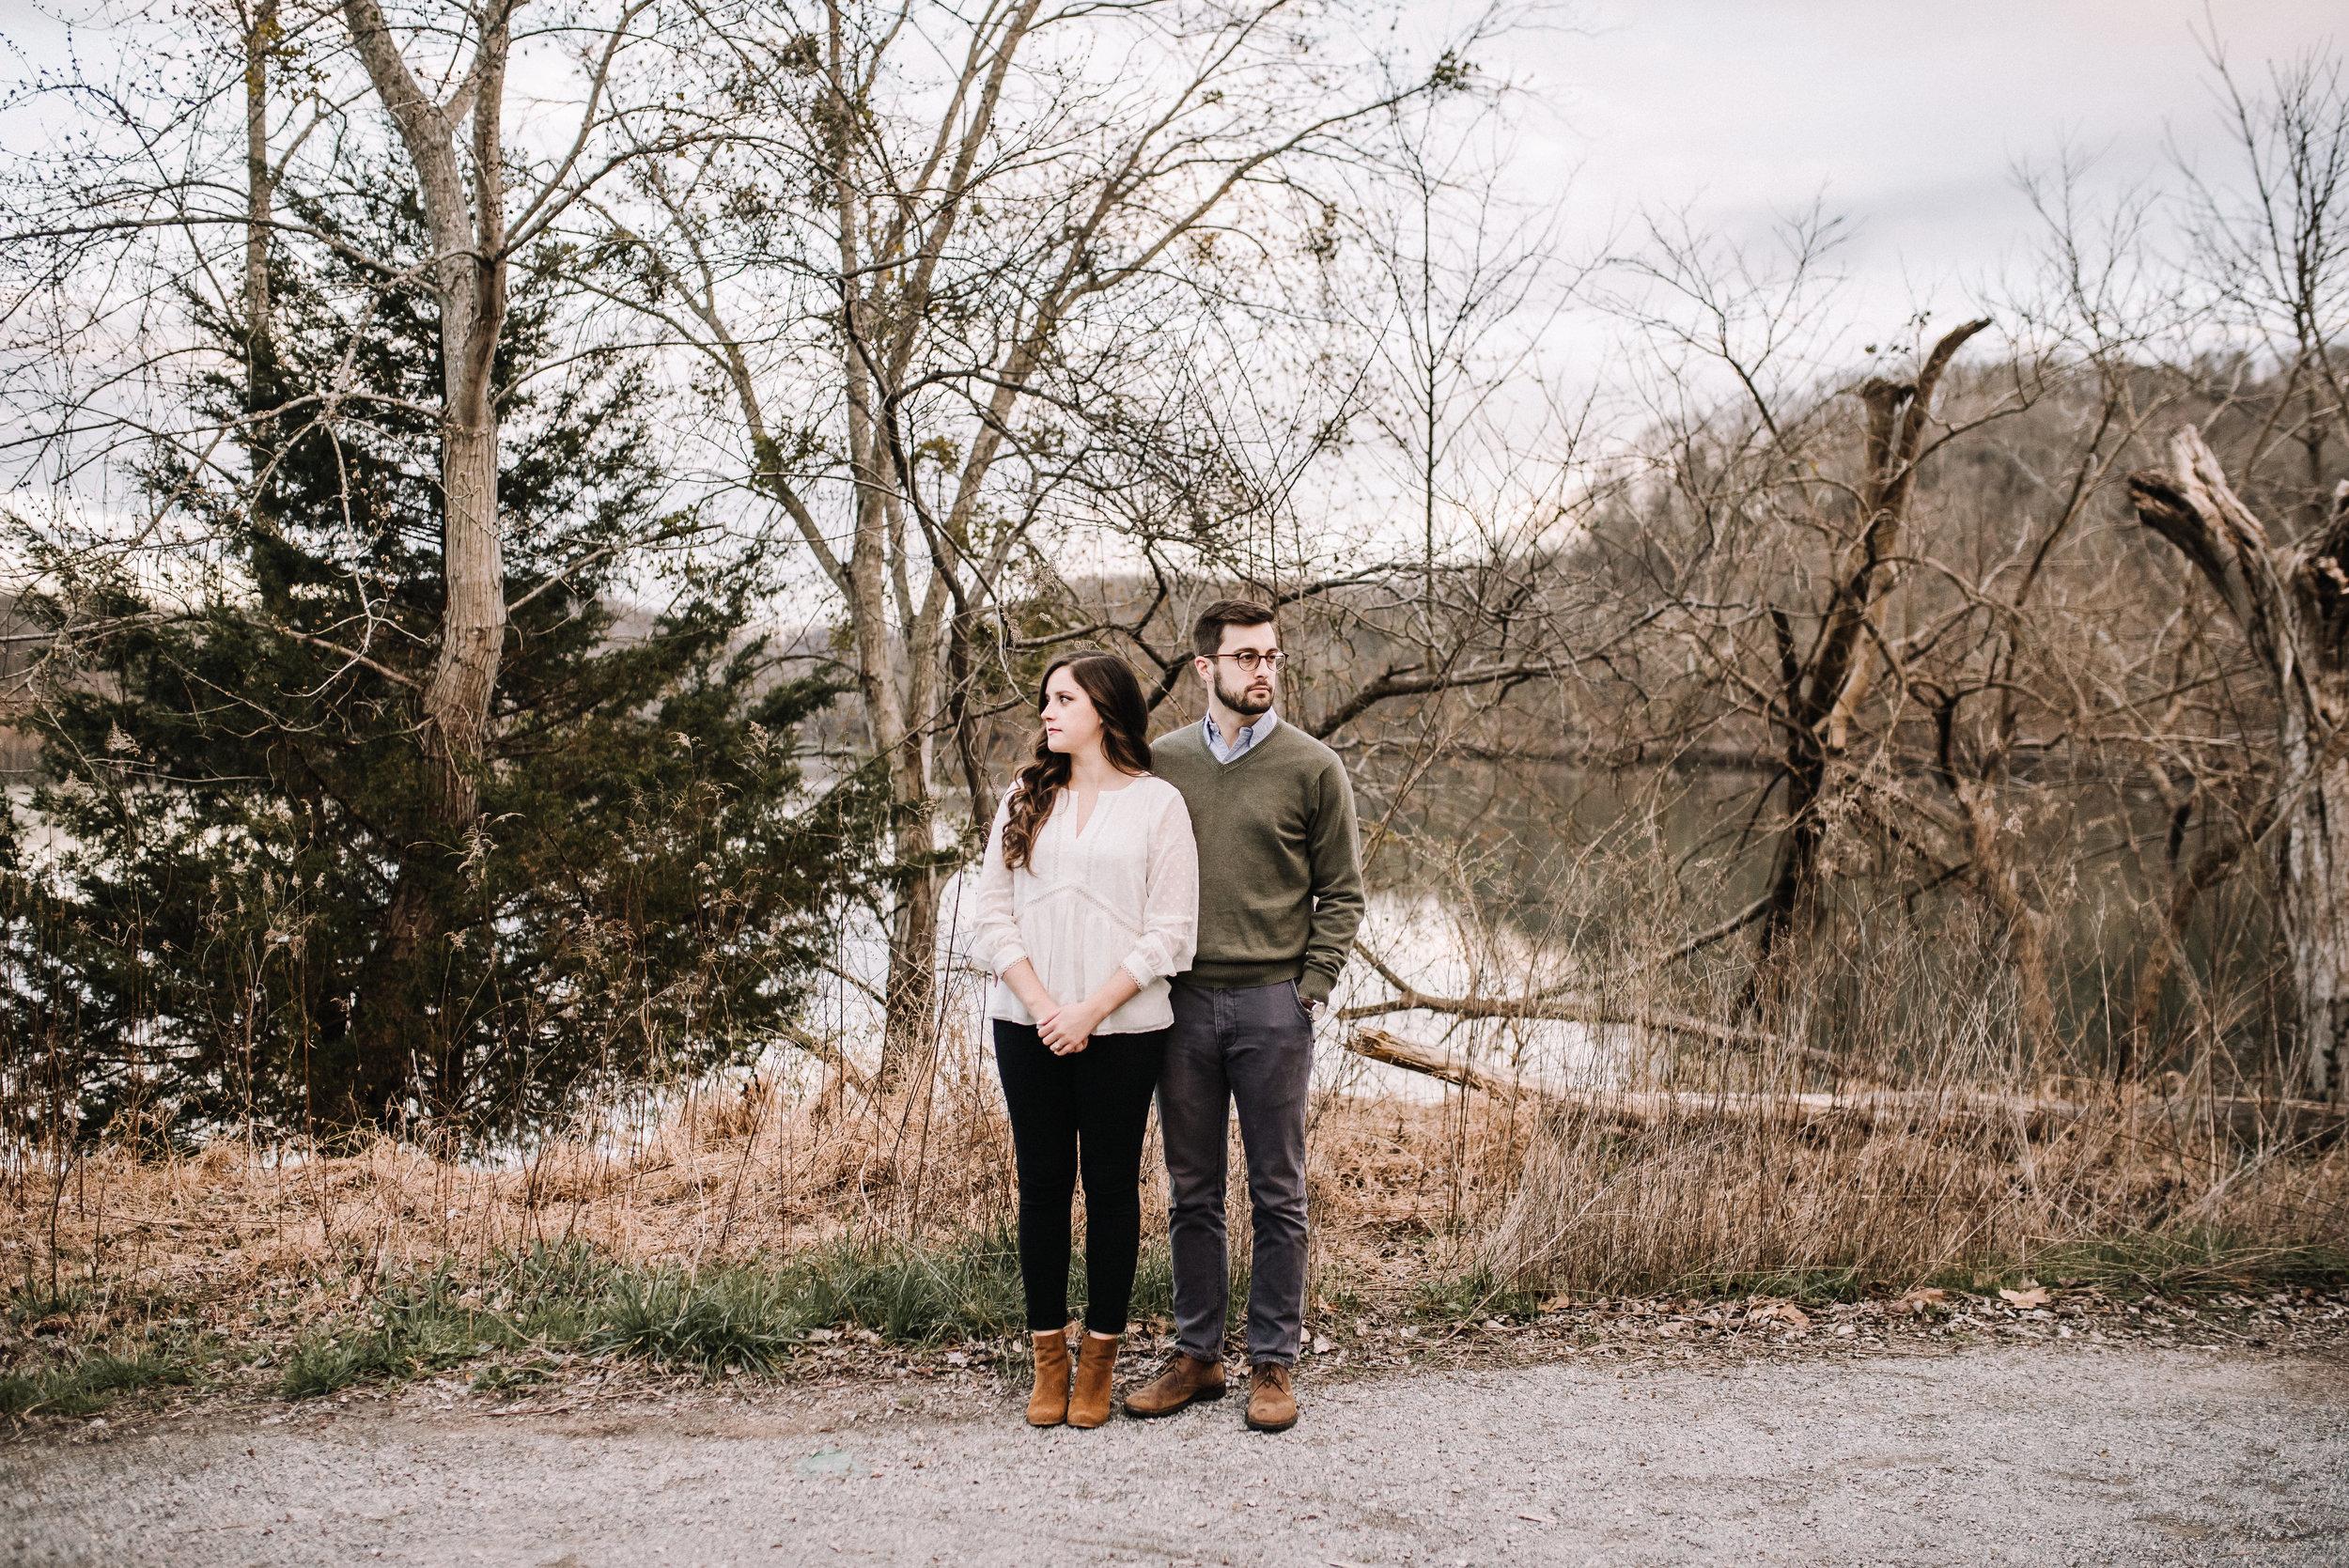 Adeline&James_Nashville-Engagement-Session-1476.jpg